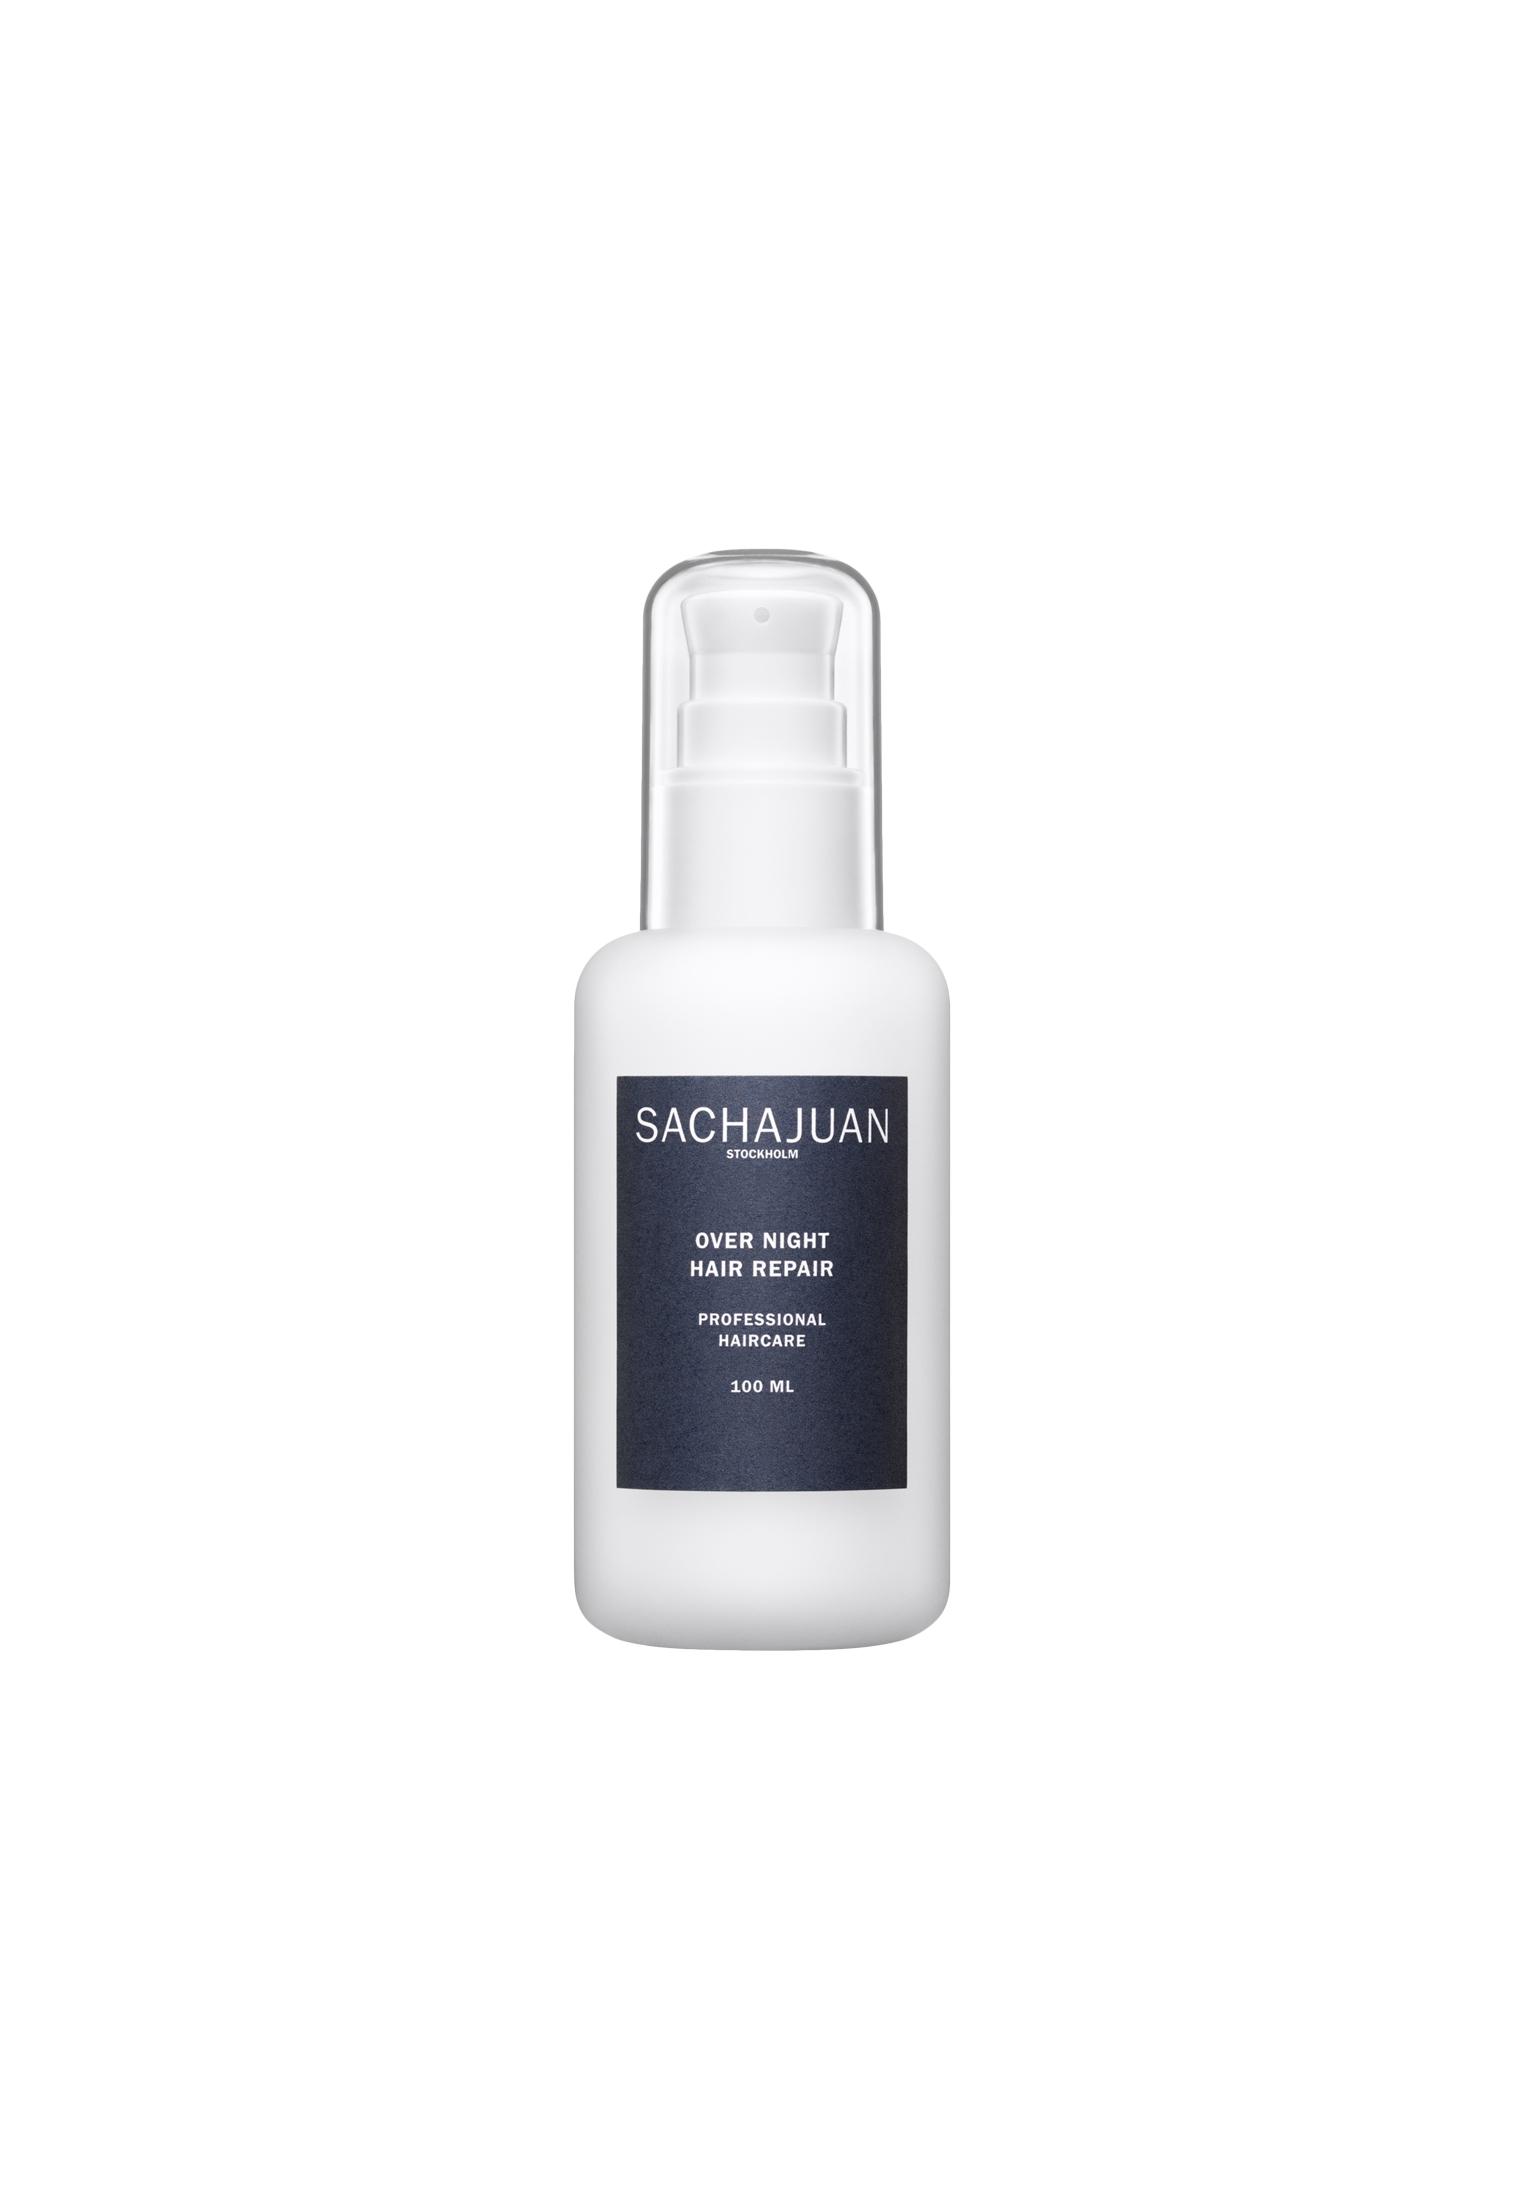 SACHAJUAN - Over Night Hair Repair - 100 ml